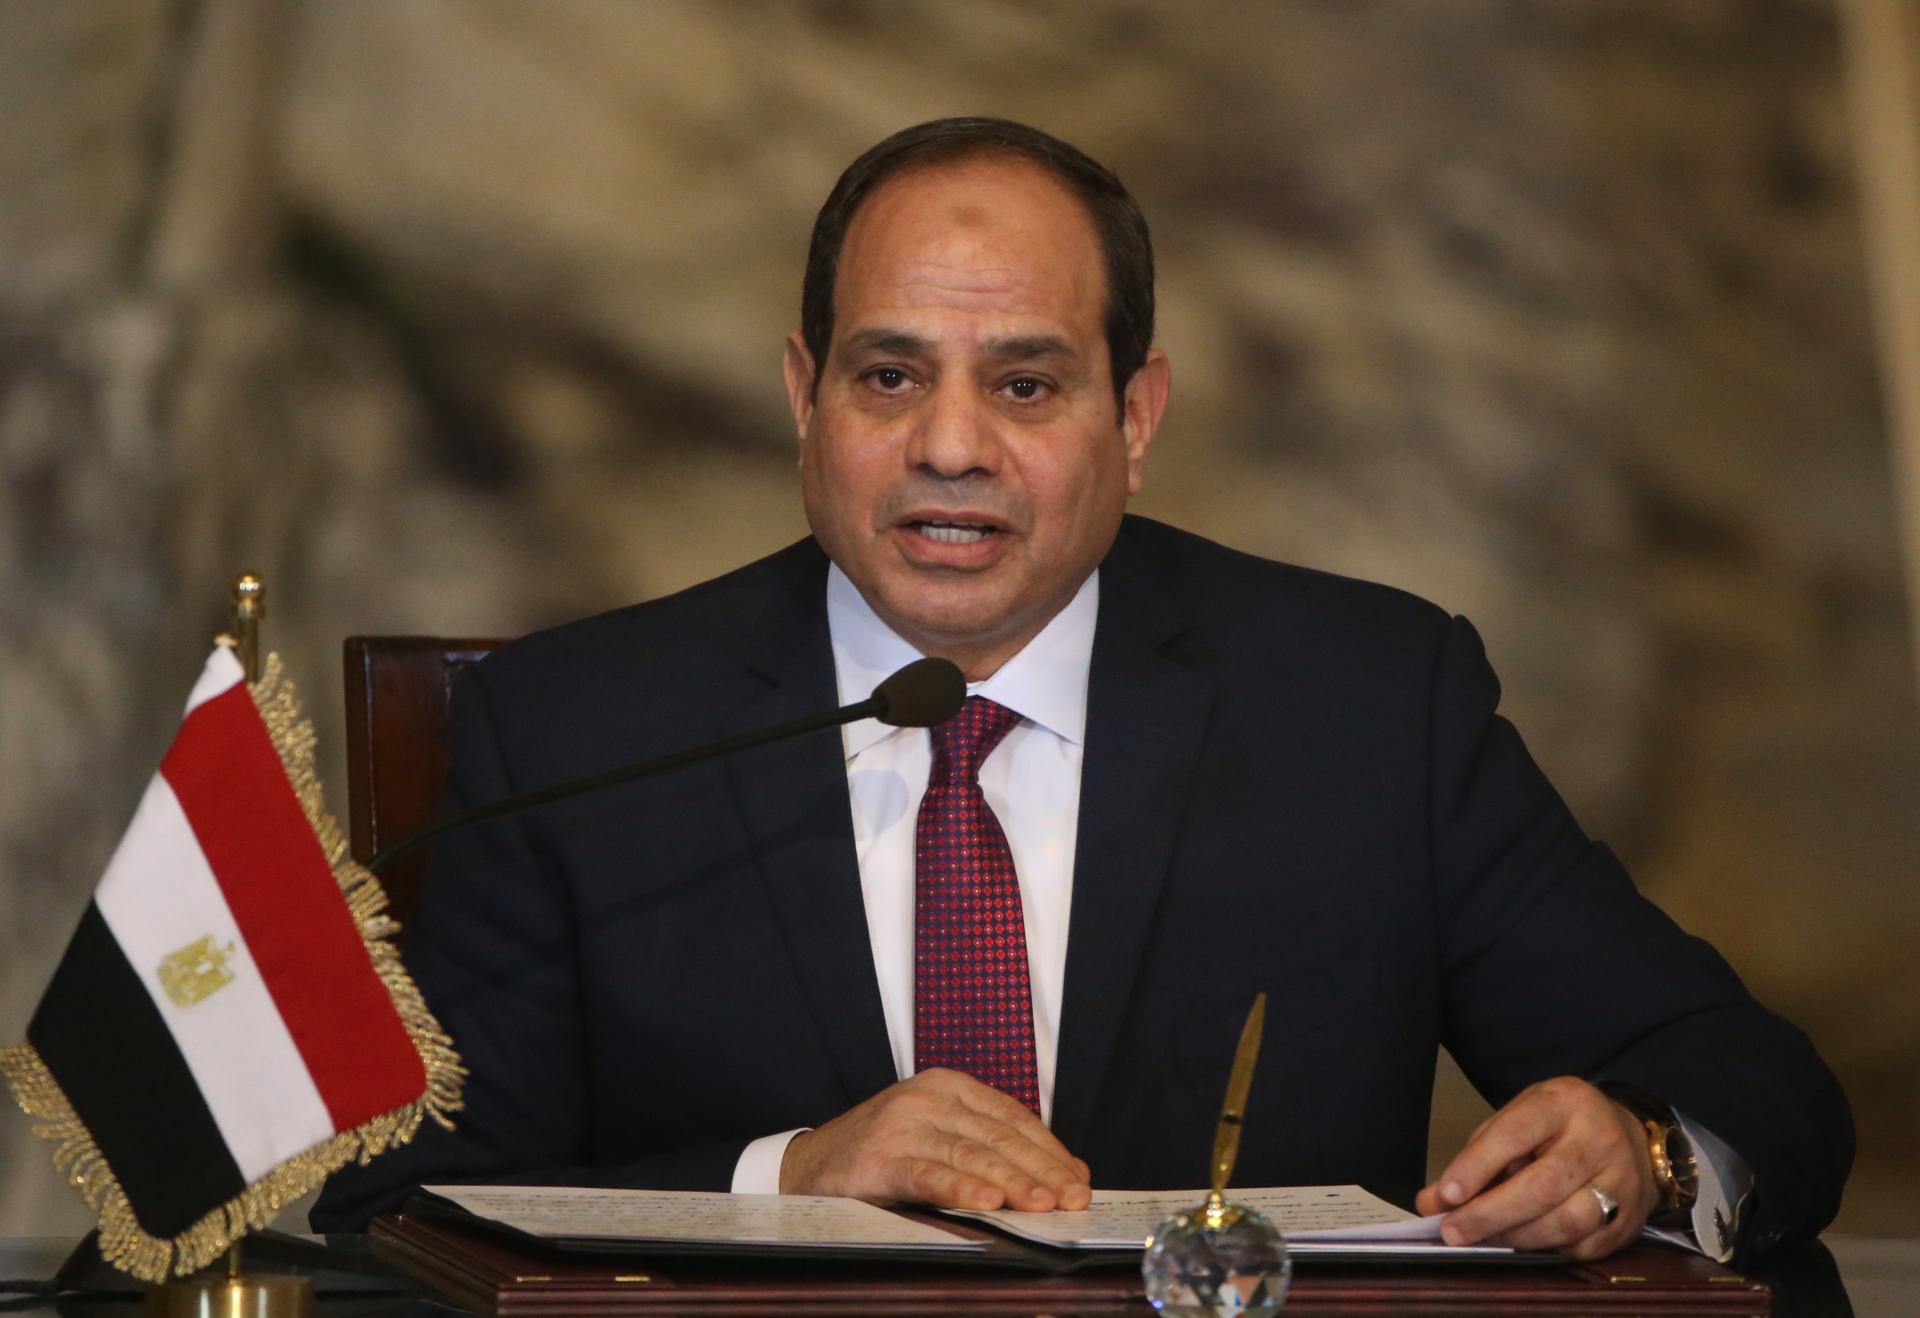 È egiziano il presidente del Consiglio oleicolo internazionale nel 2019